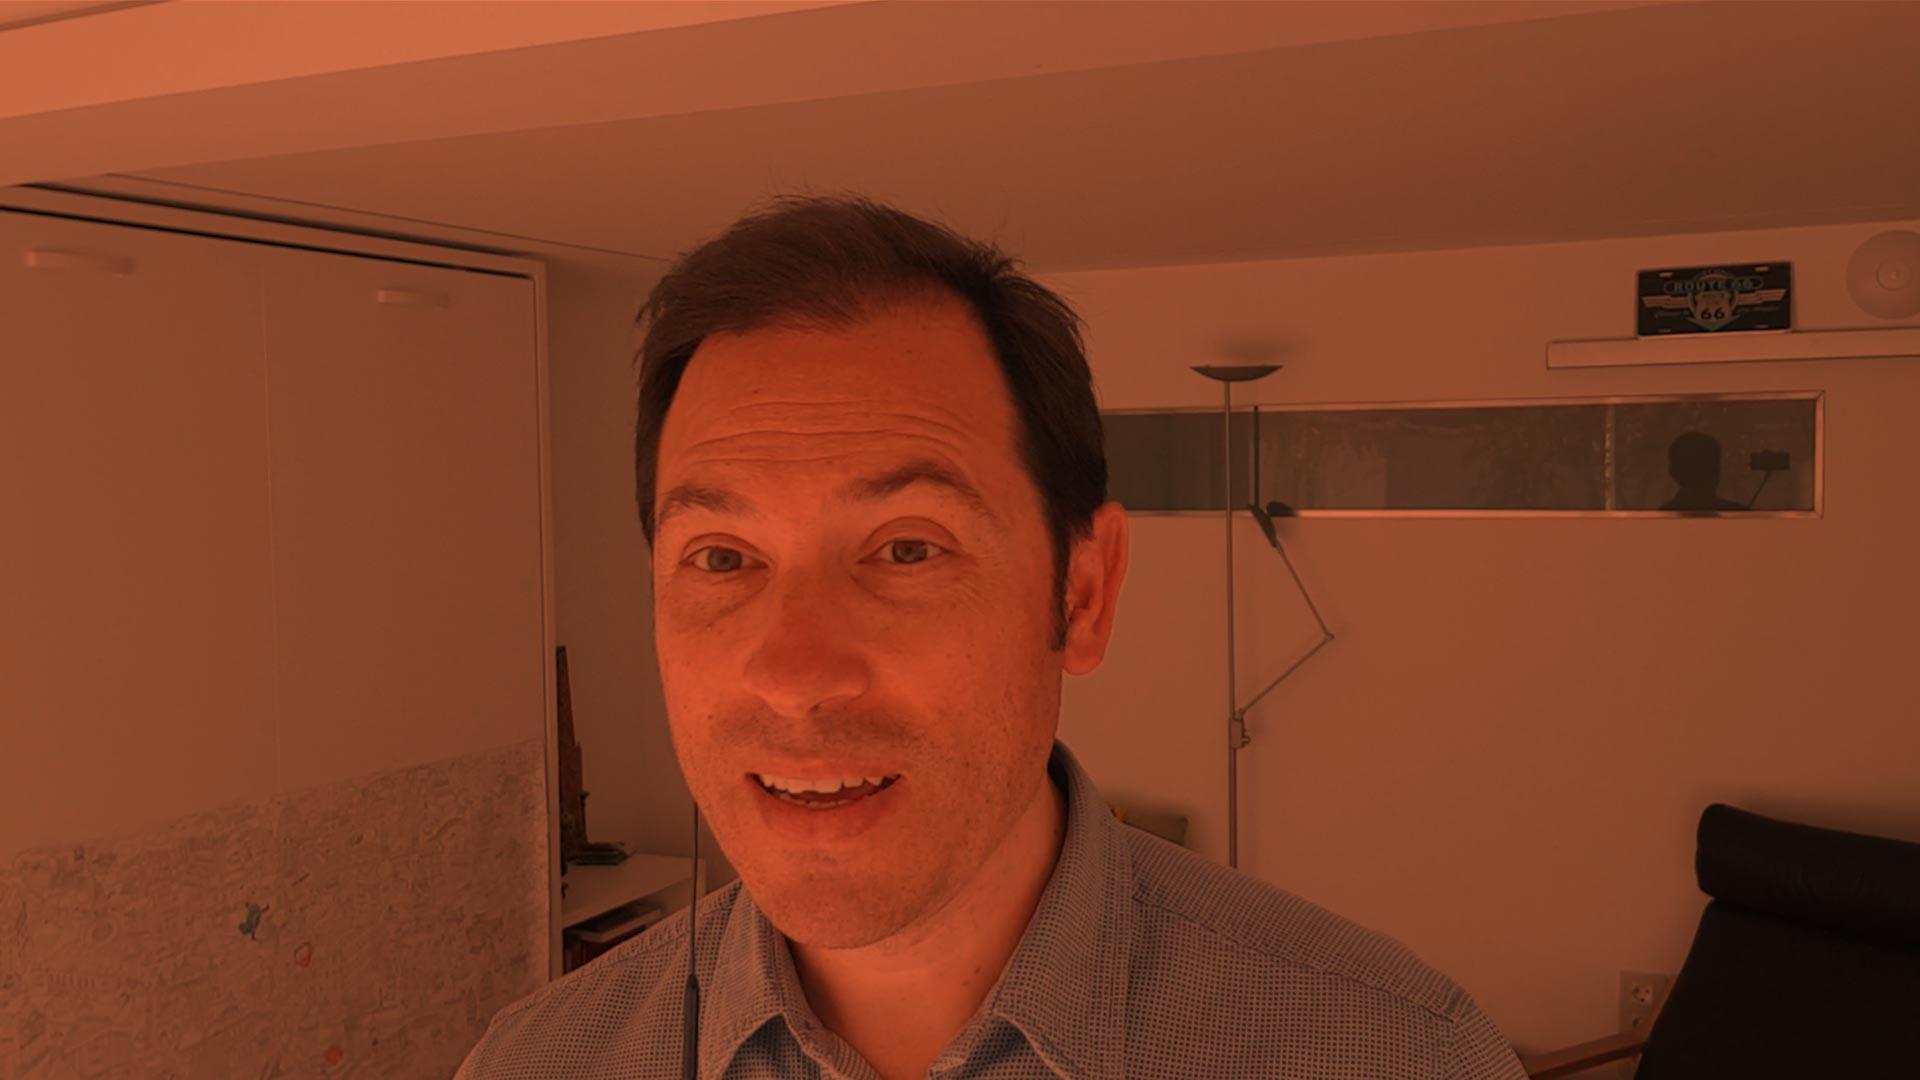 Hector Robles polimatía fabricación digital impresion 3D